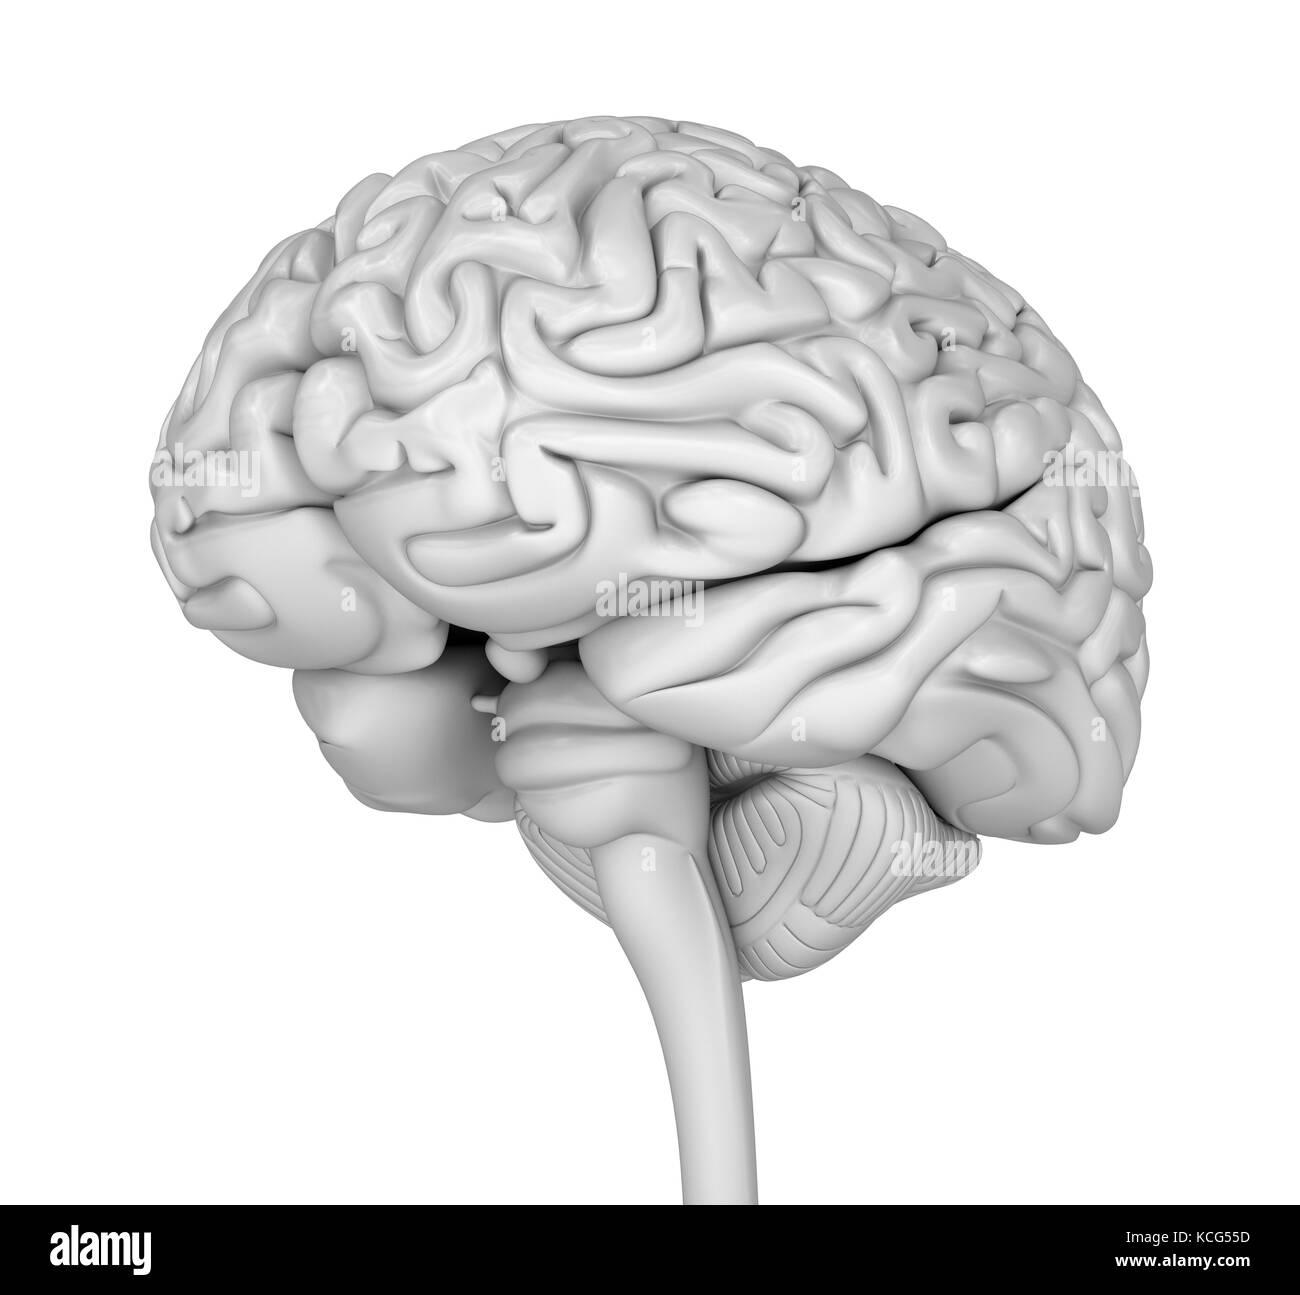 Ausgezeichnet Gehirn 3d Anatomie Ideen - Menschliche Anatomie Bilder ...